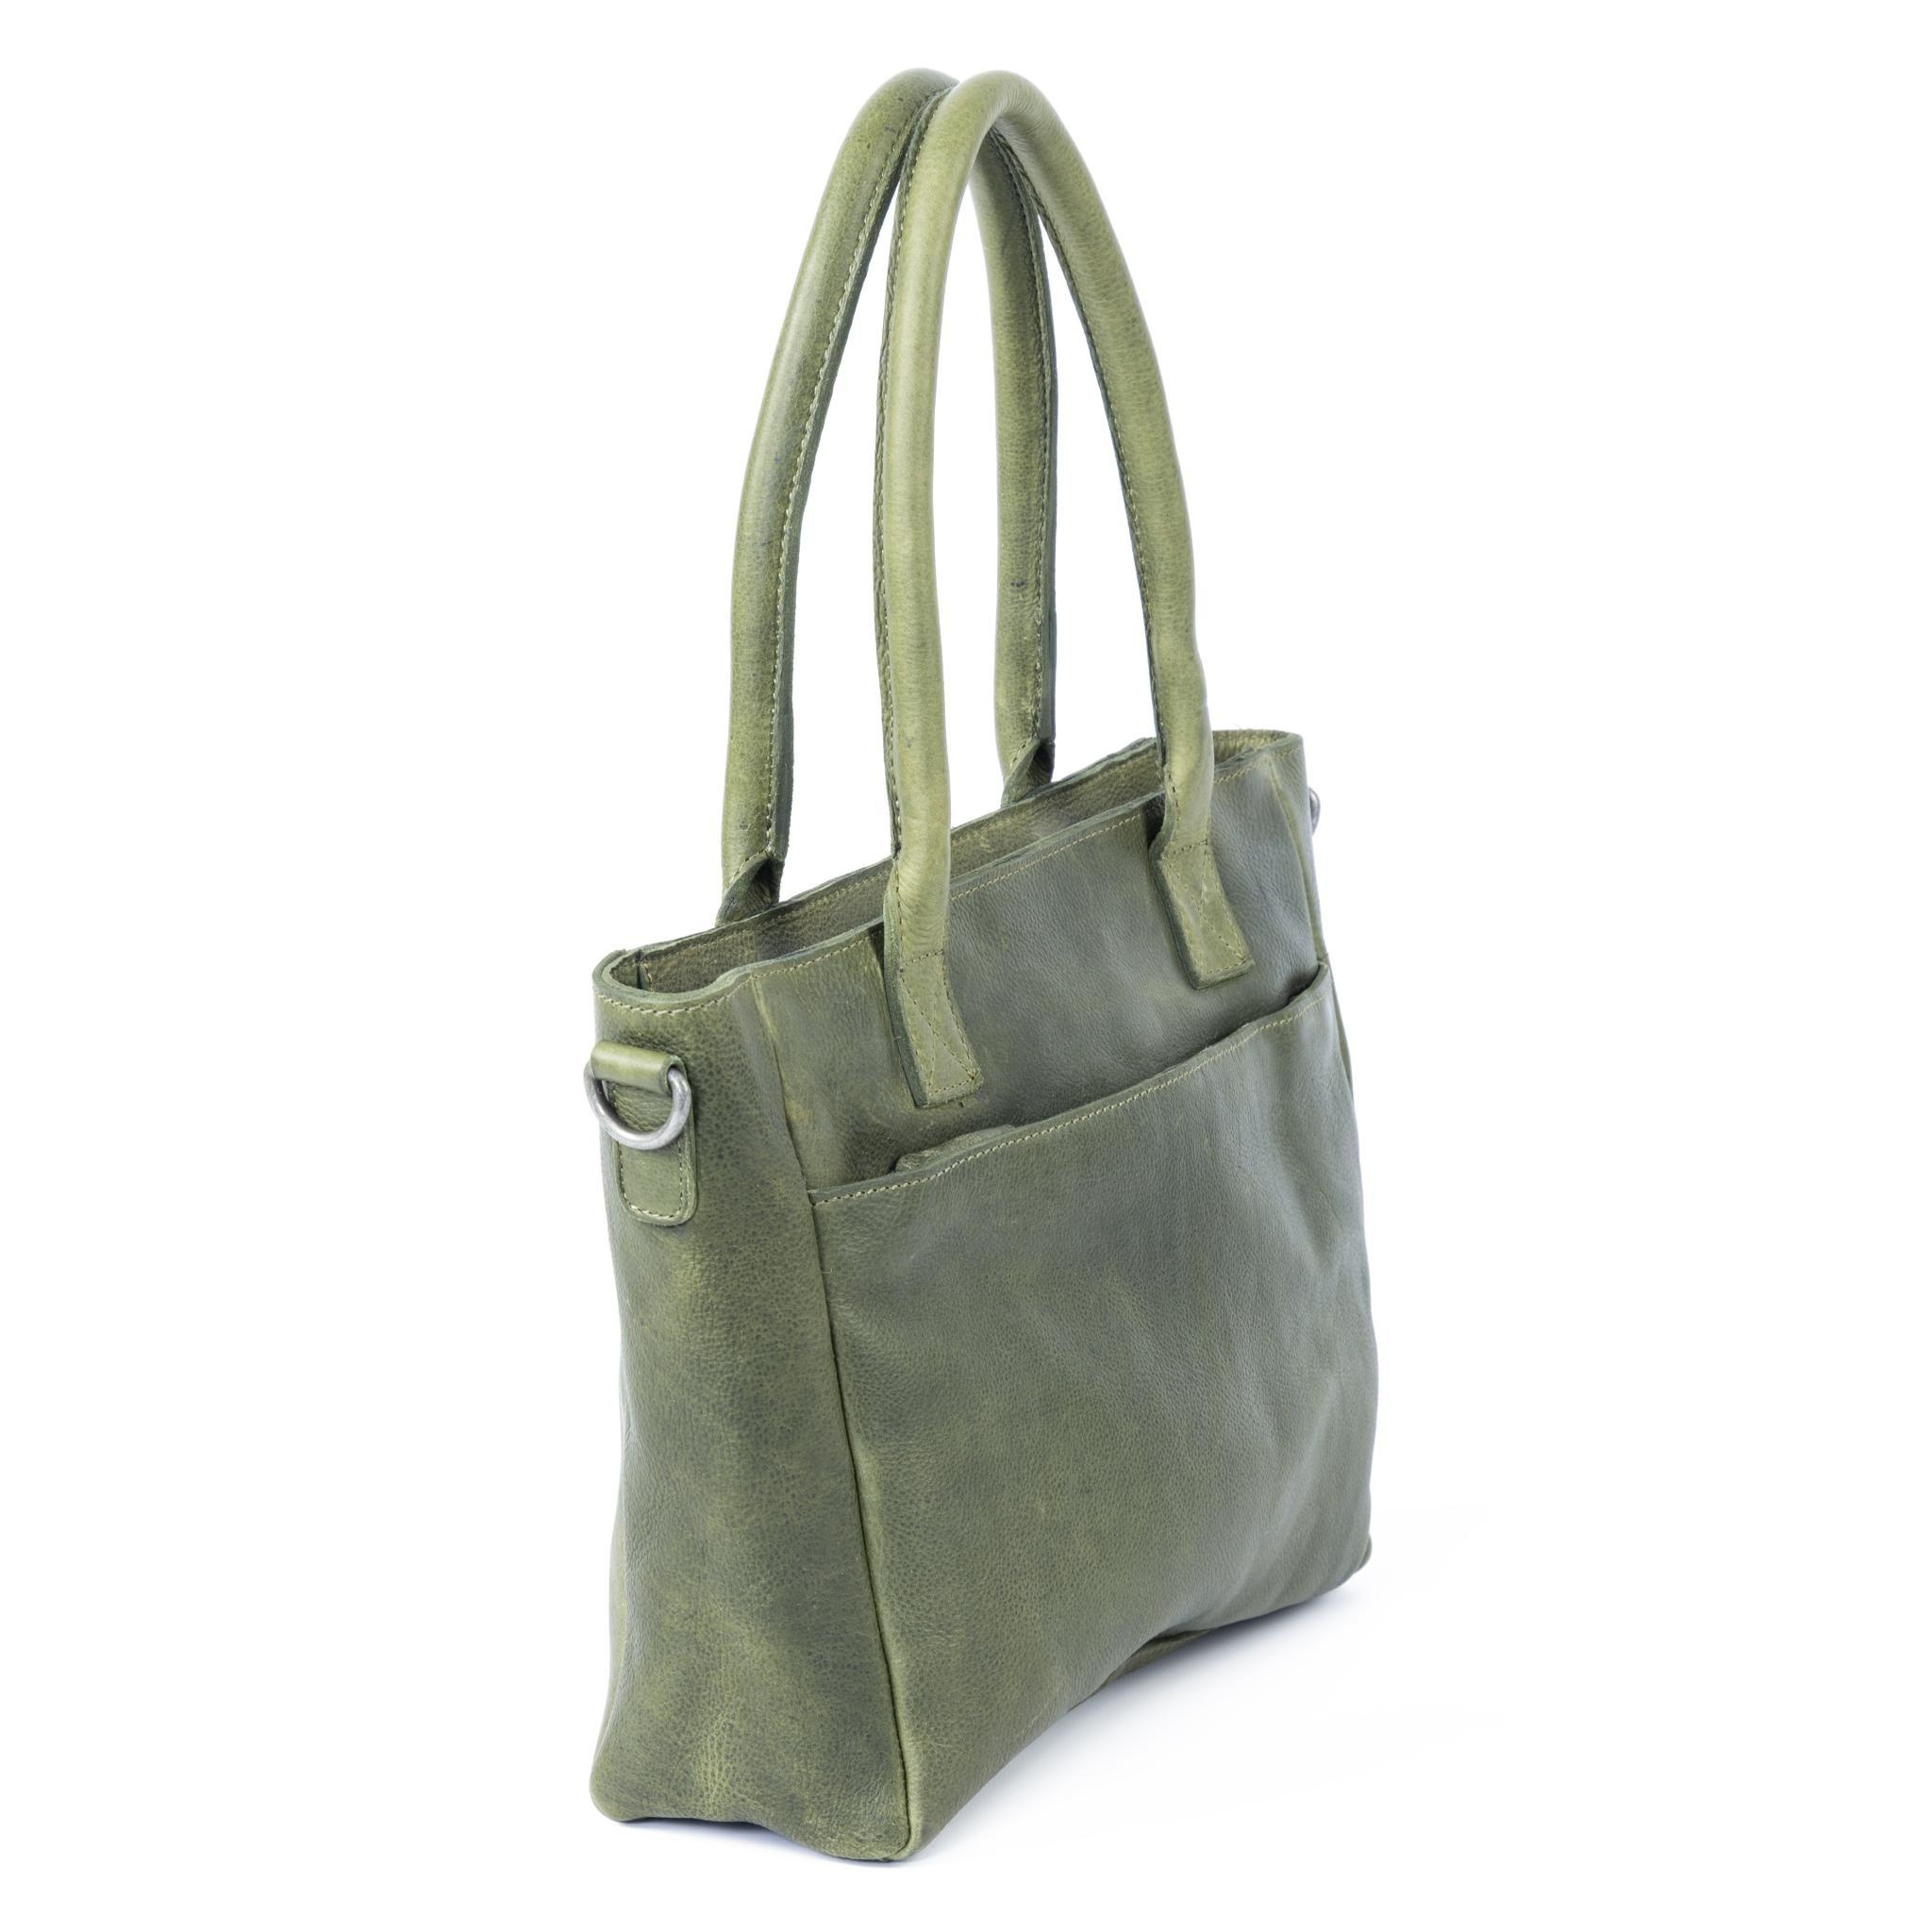 DSTRCT Raider Road Handbag - Green